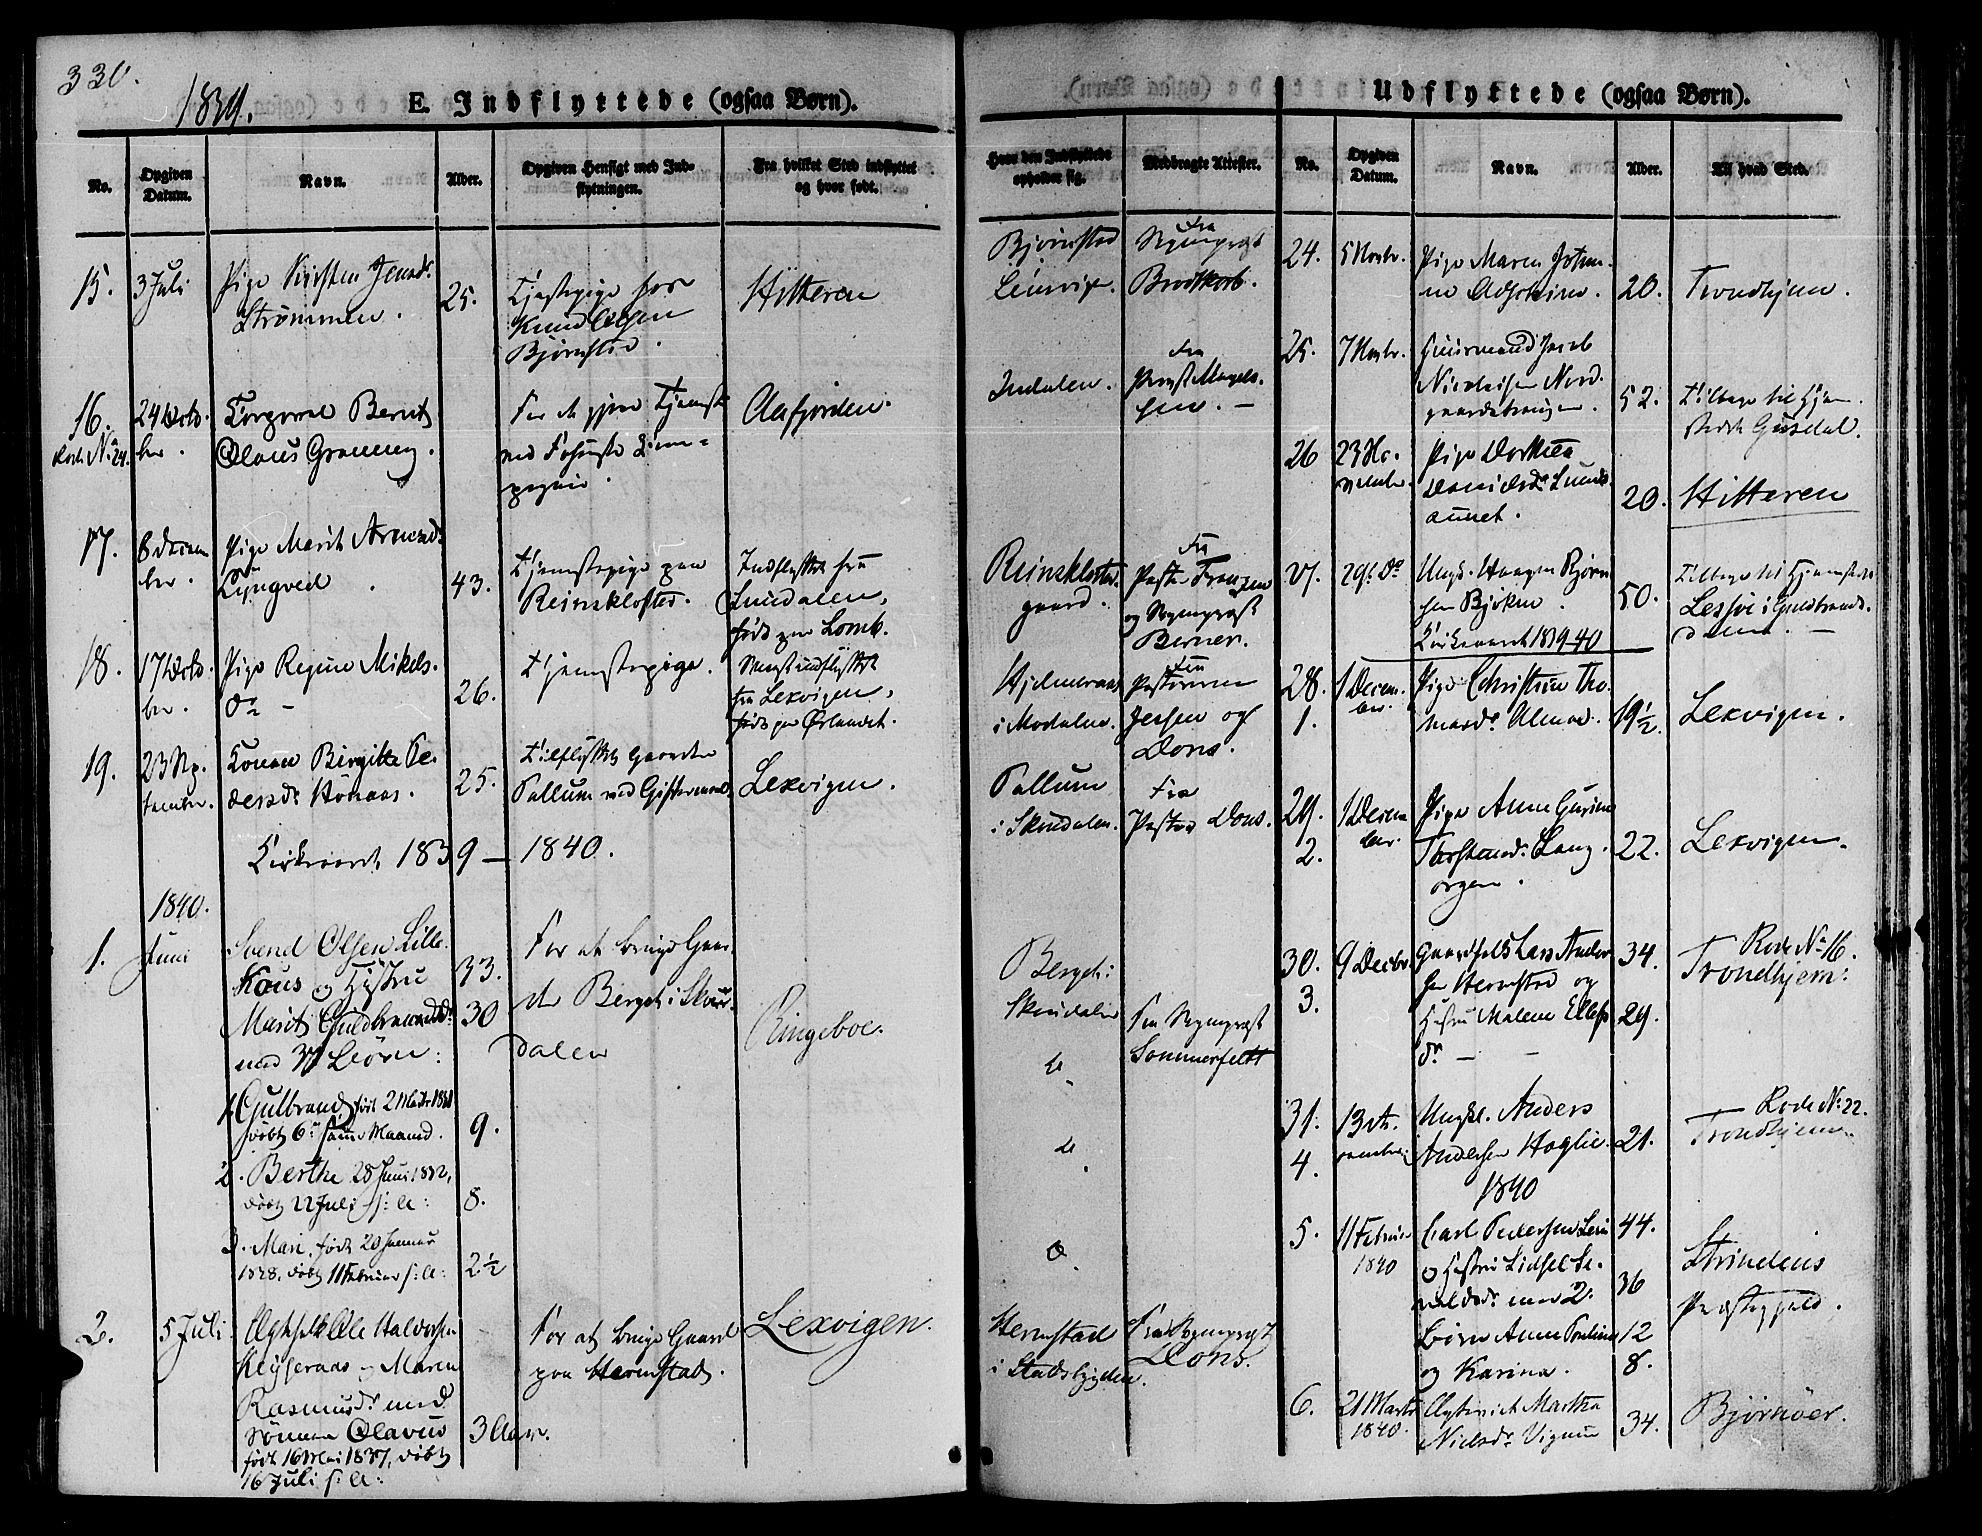 SAT, Ministerialprotokoller, klokkerbøker og fødselsregistre - Sør-Trøndelag, 646/L0610: Ministerialbok nr. 646A08, 1837-1847, s. 330